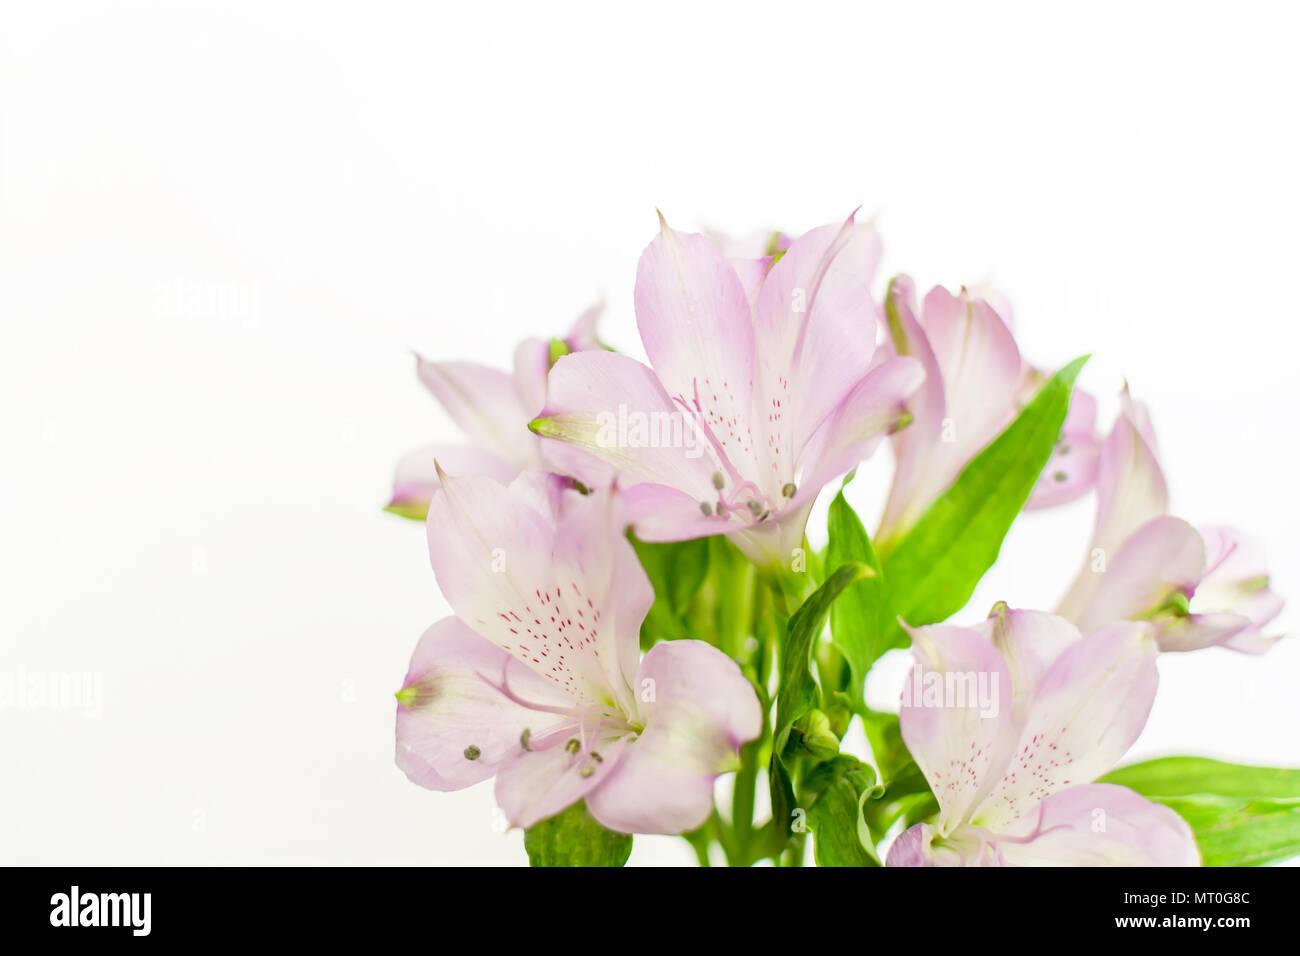 Fresh purple peruvian lily alstroemeria flowers isolated on white fresh purple peruvian lily alstroemeria flowers isolated on white background mightylinksfo